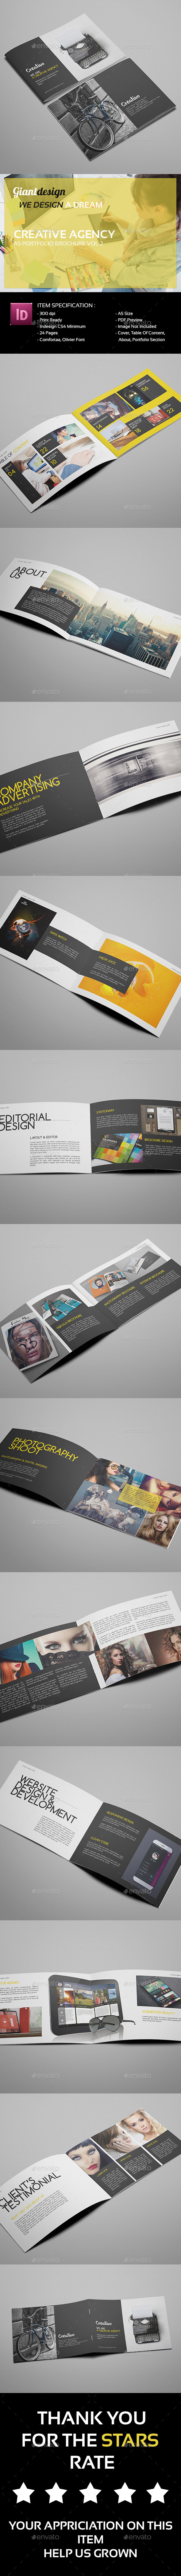 Creative Agency - A5 Portfolio Brochure Vol2 - Portfolio Brochures